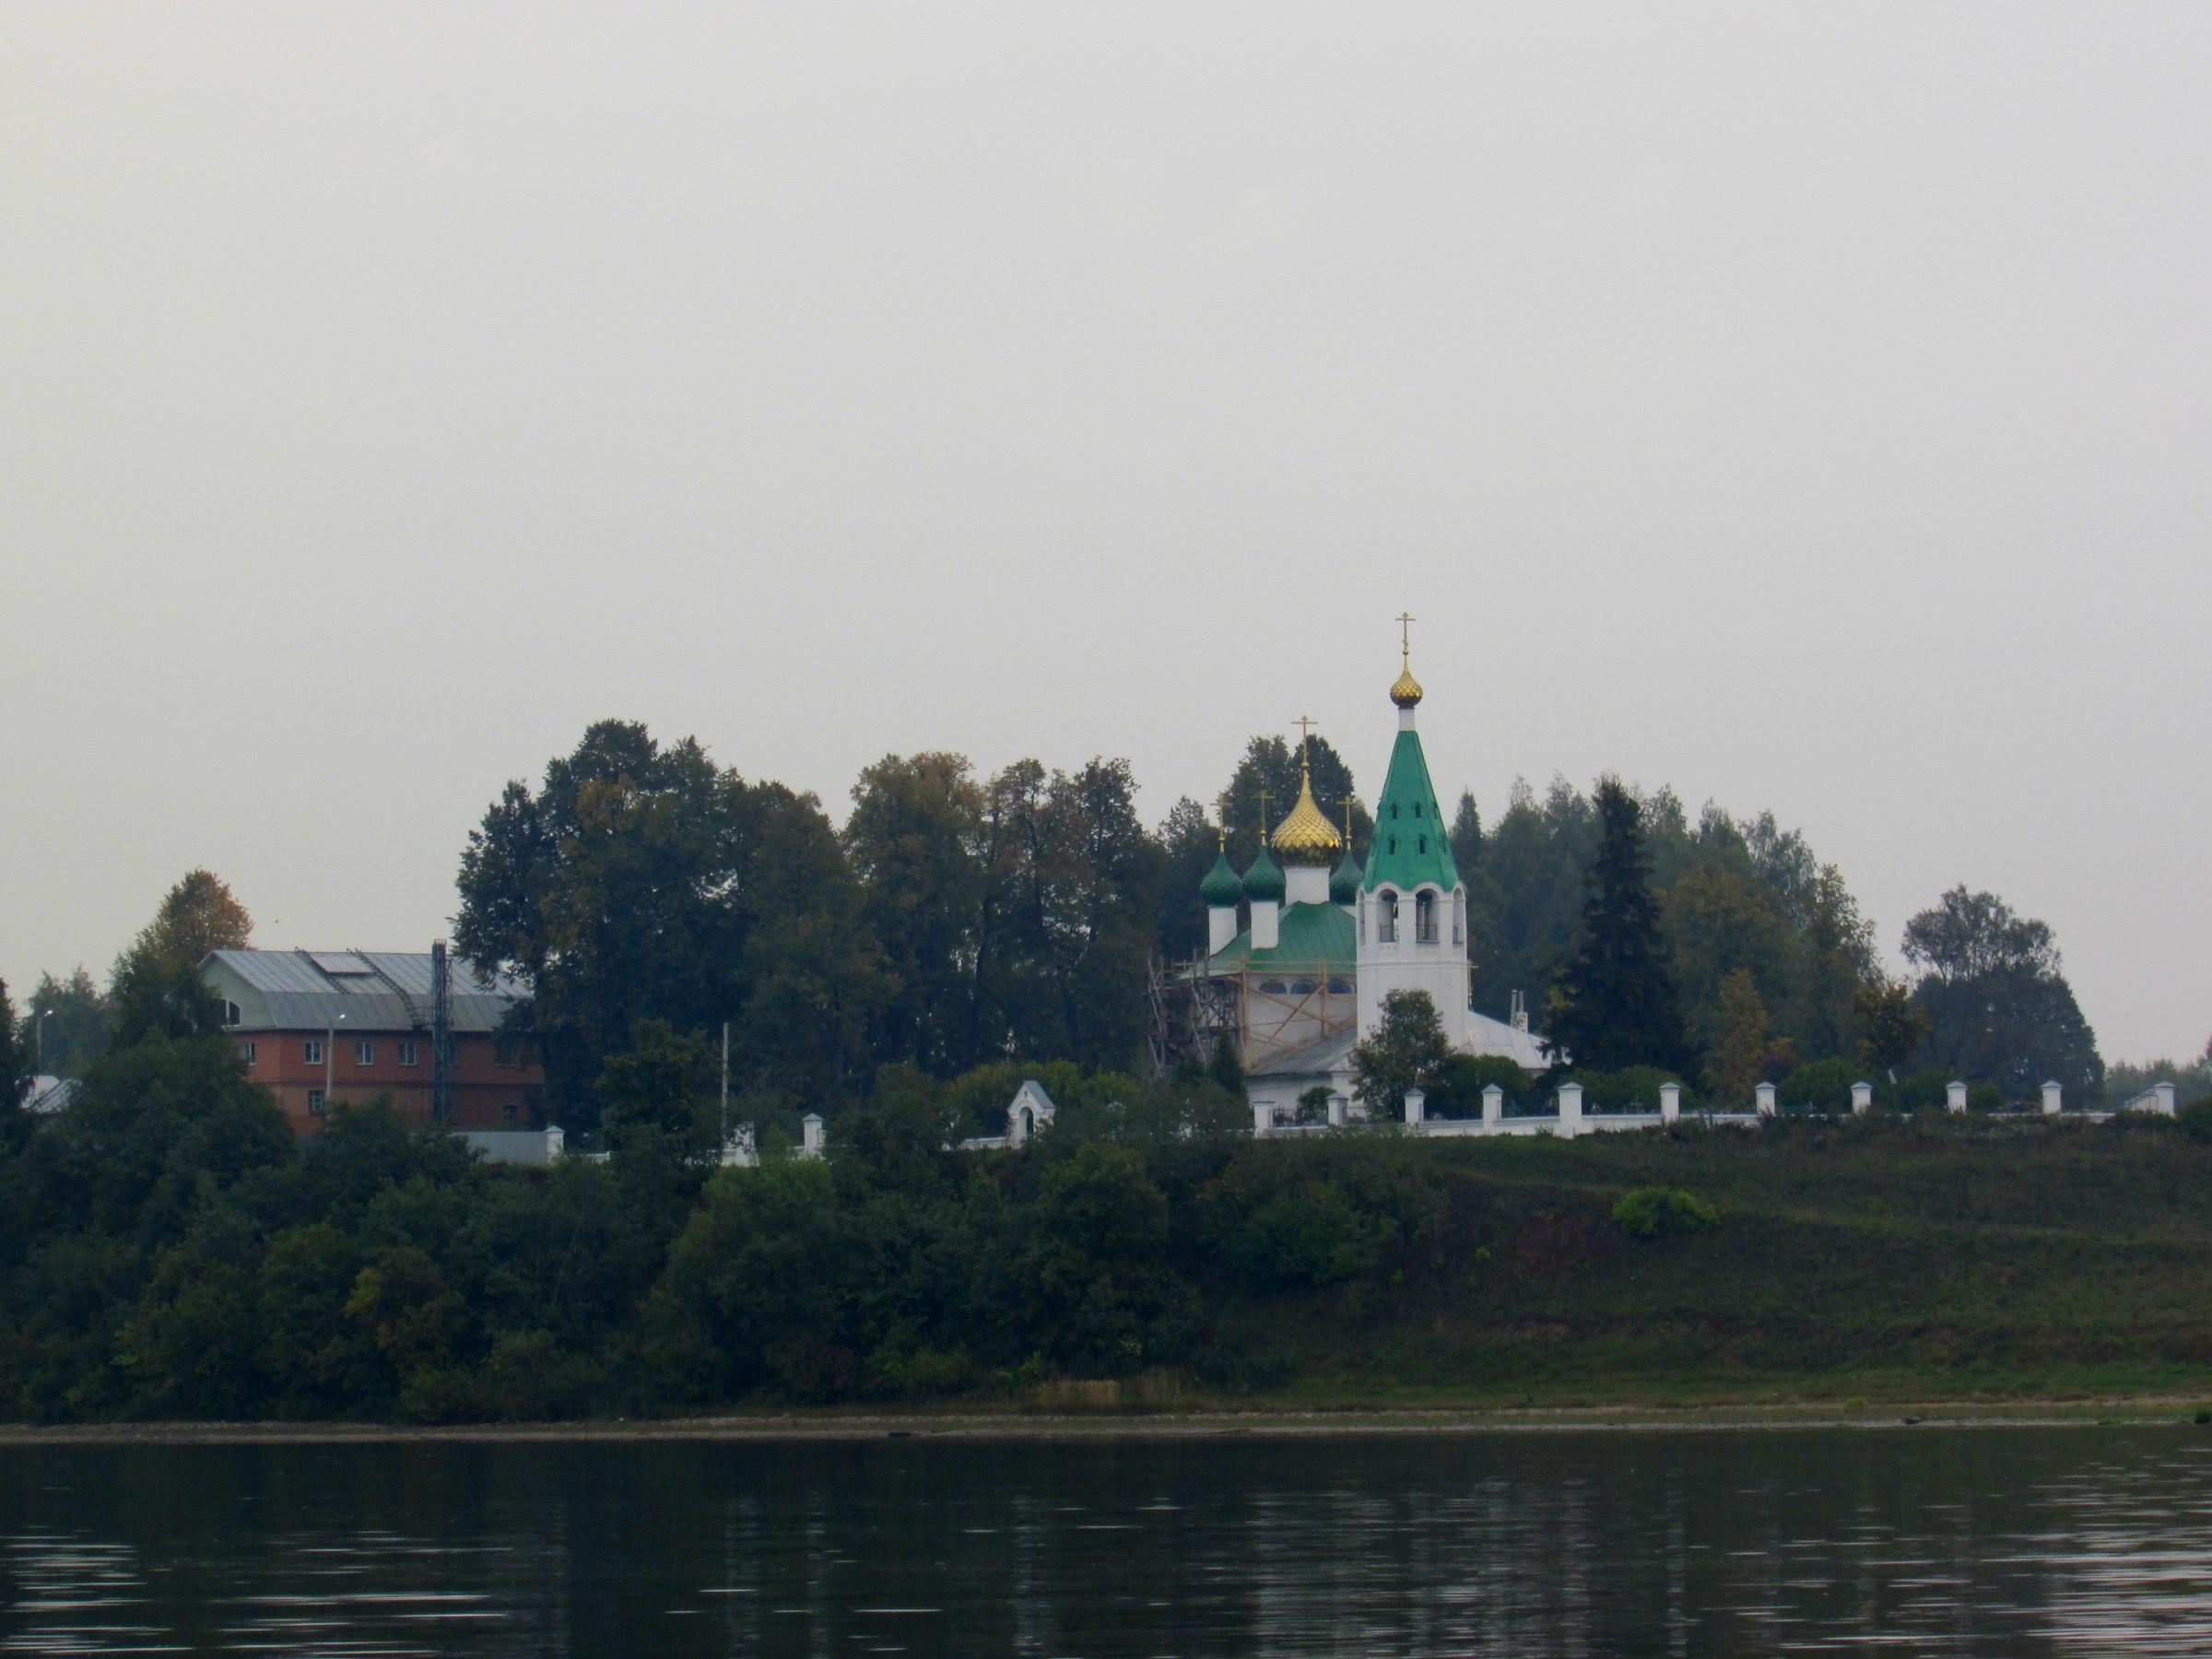 картинке днем диево городище ярославль фото самостоятельном